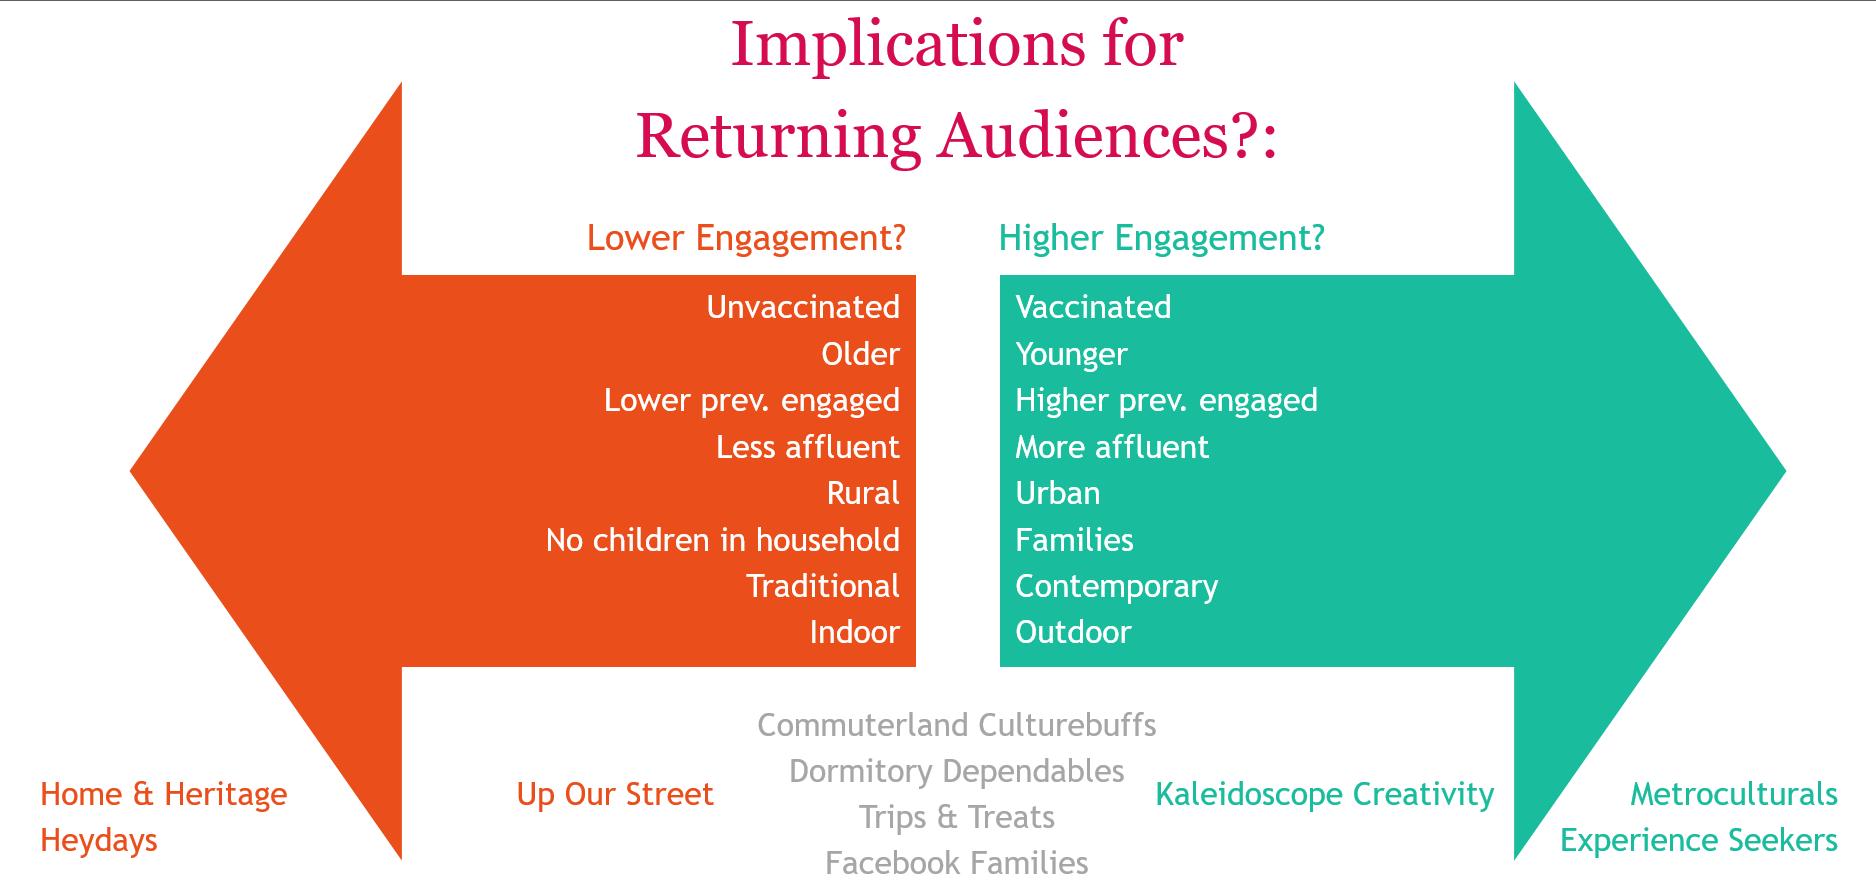 enquesta-sobre-els-canvis-en-la-participacio-cultural-per-la-pandemia-al-regne-unit